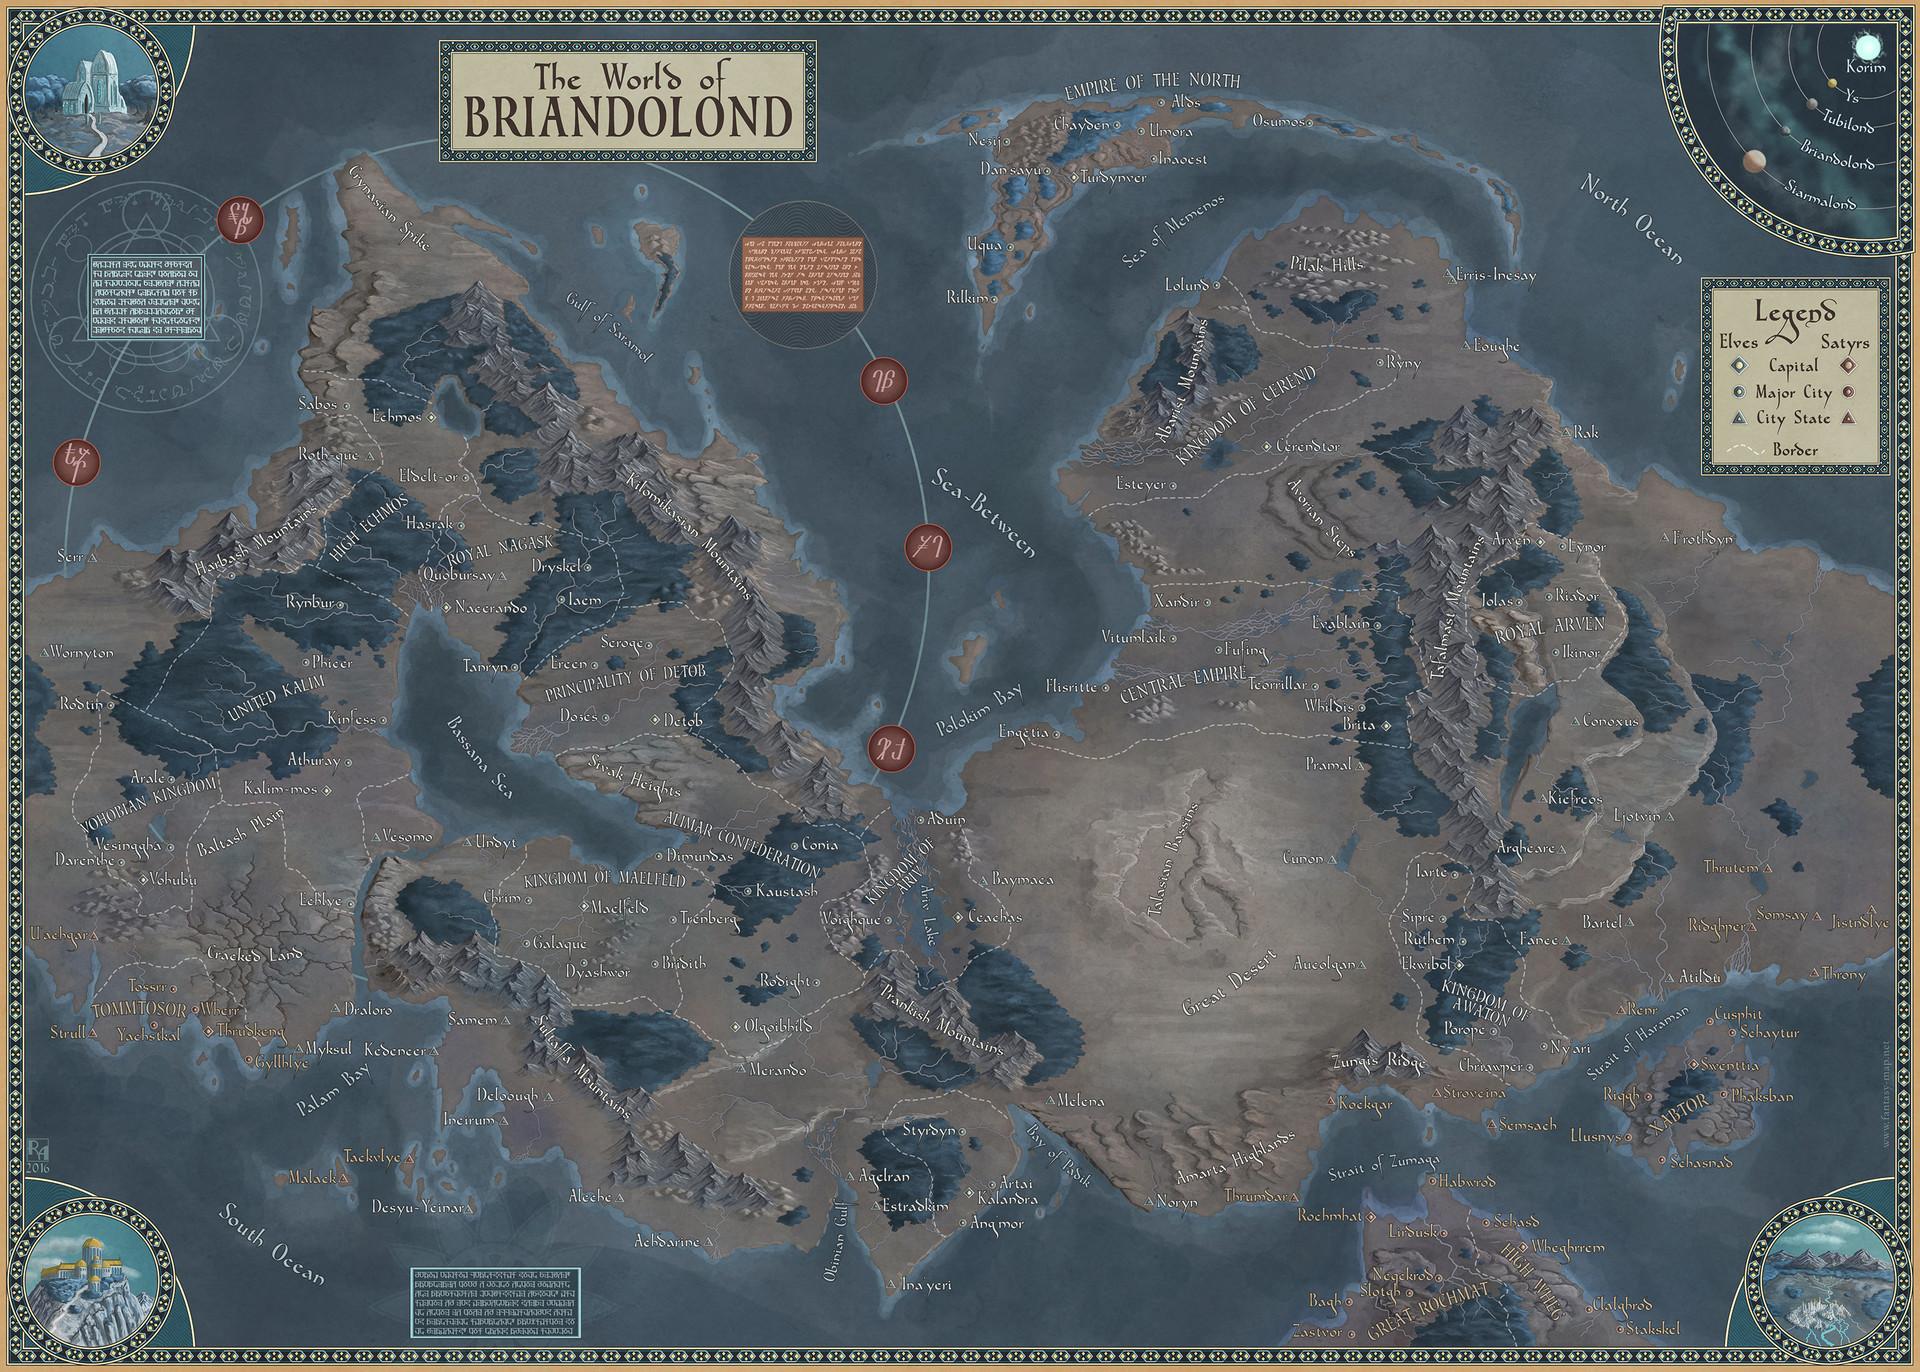 Robert altbauer cg map challenge july 2016 briandolond complete2